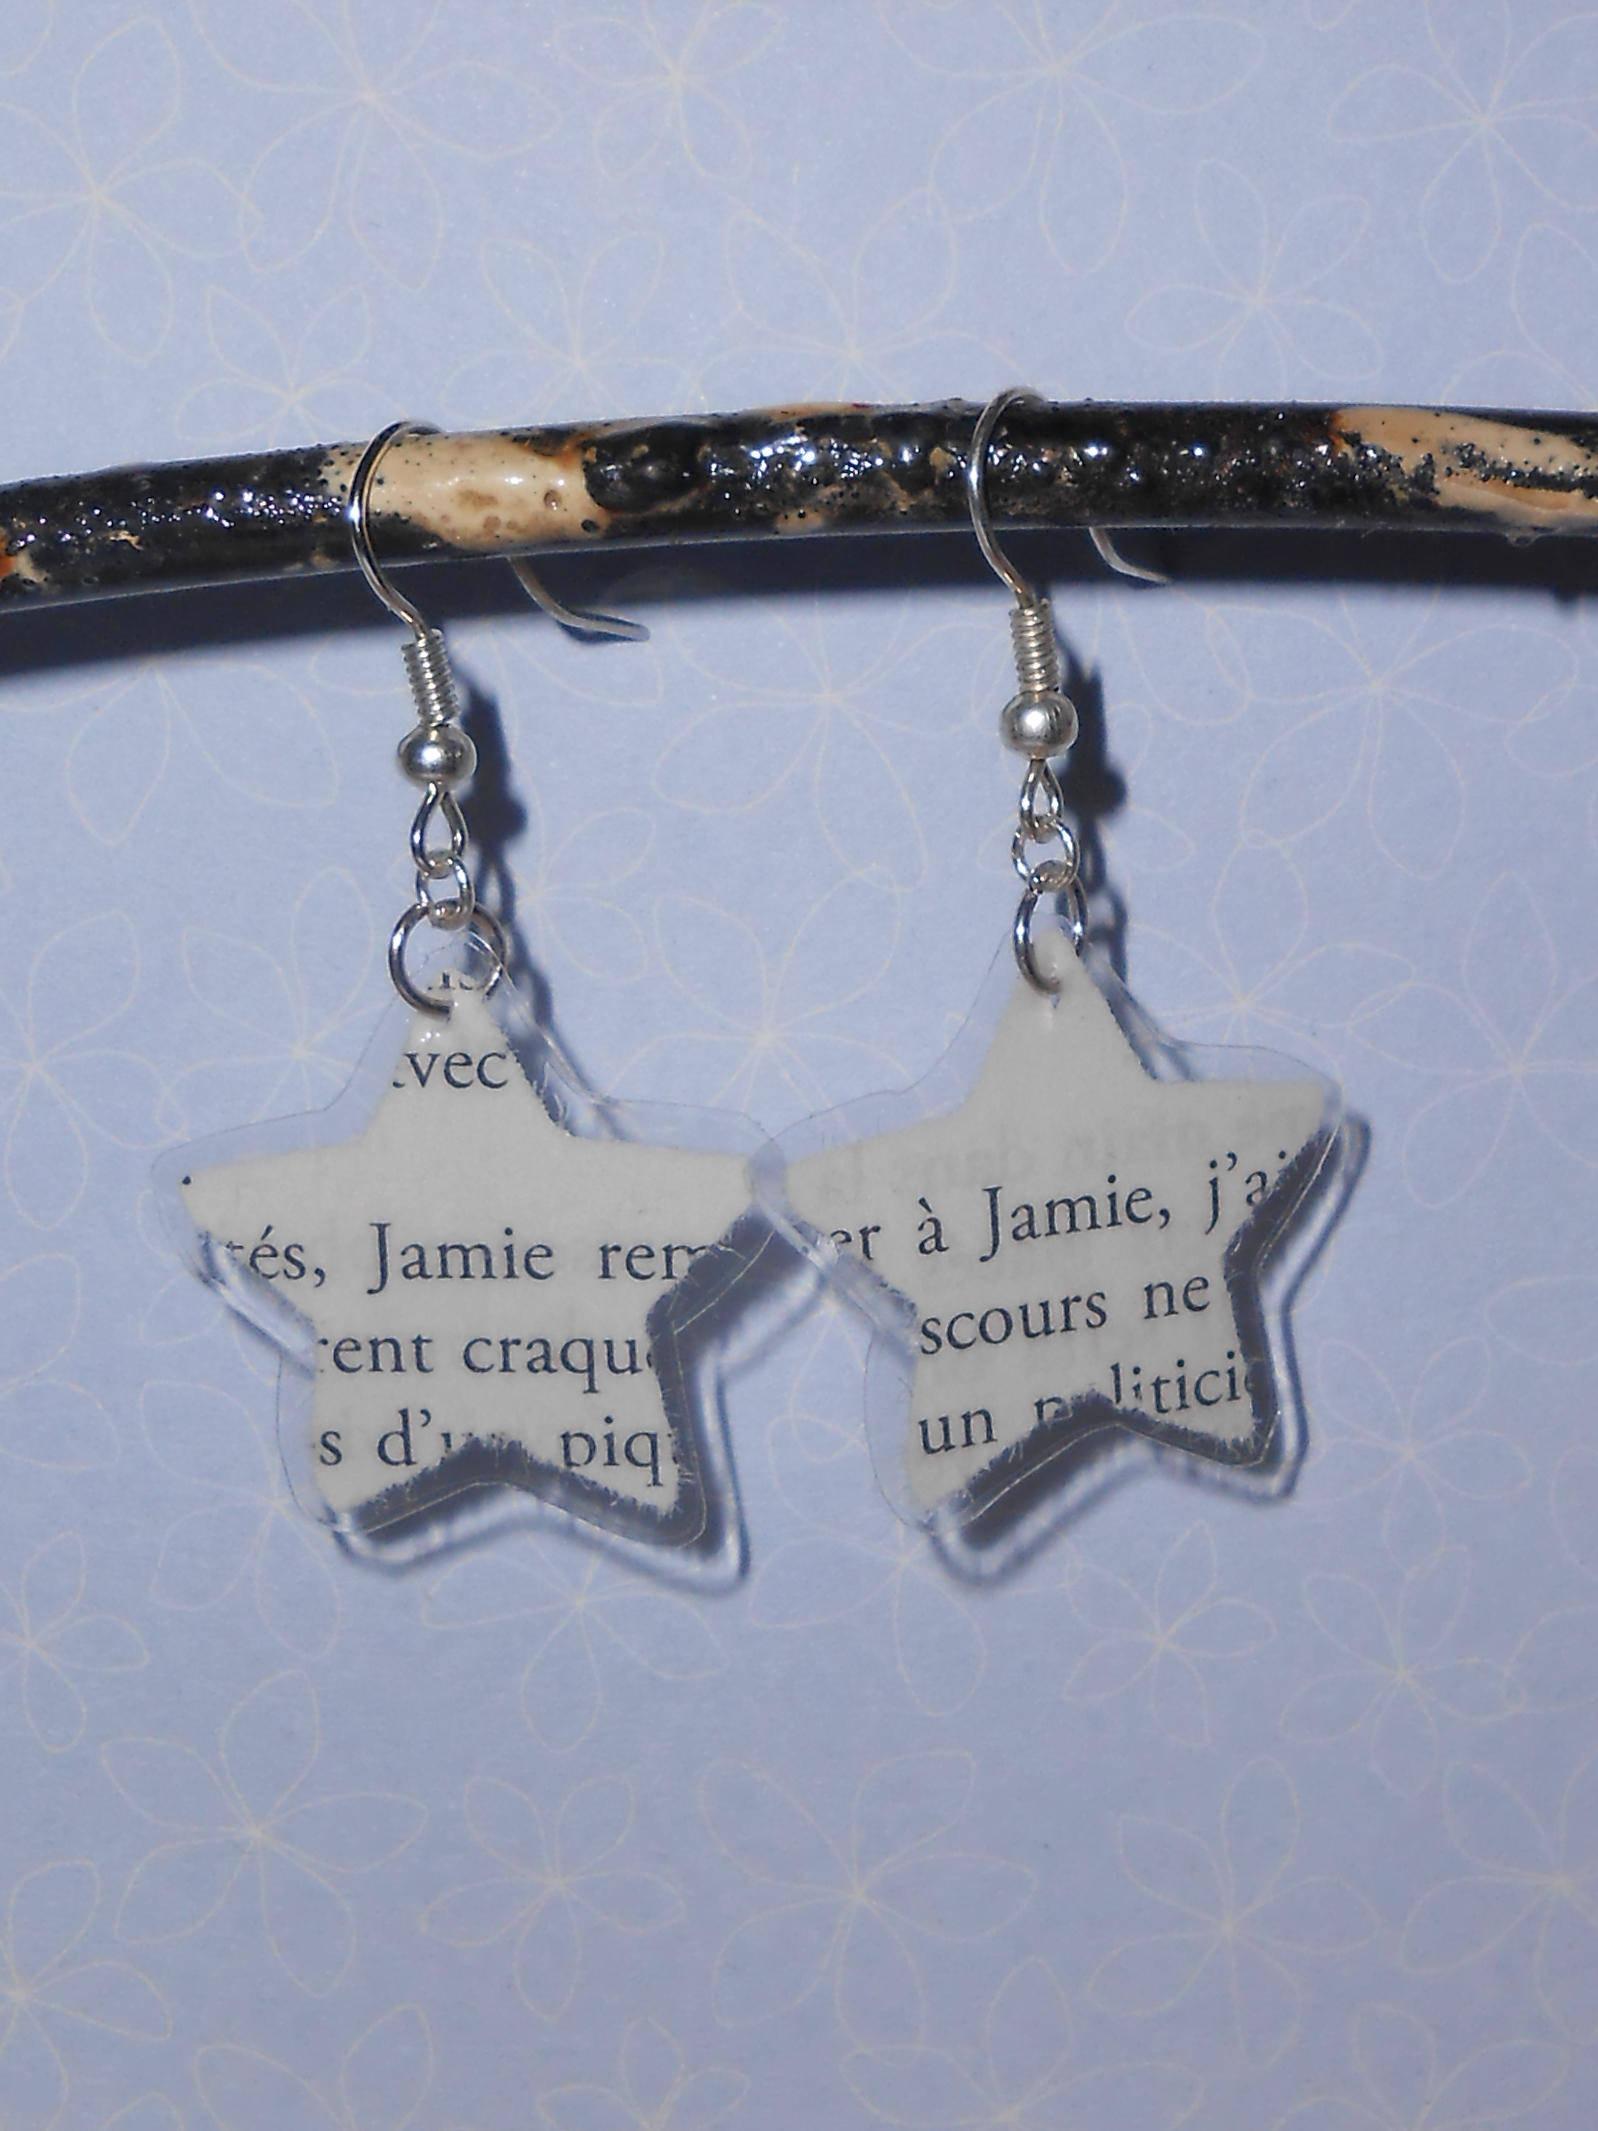 Boucles d'oreilles Outlander Jamie